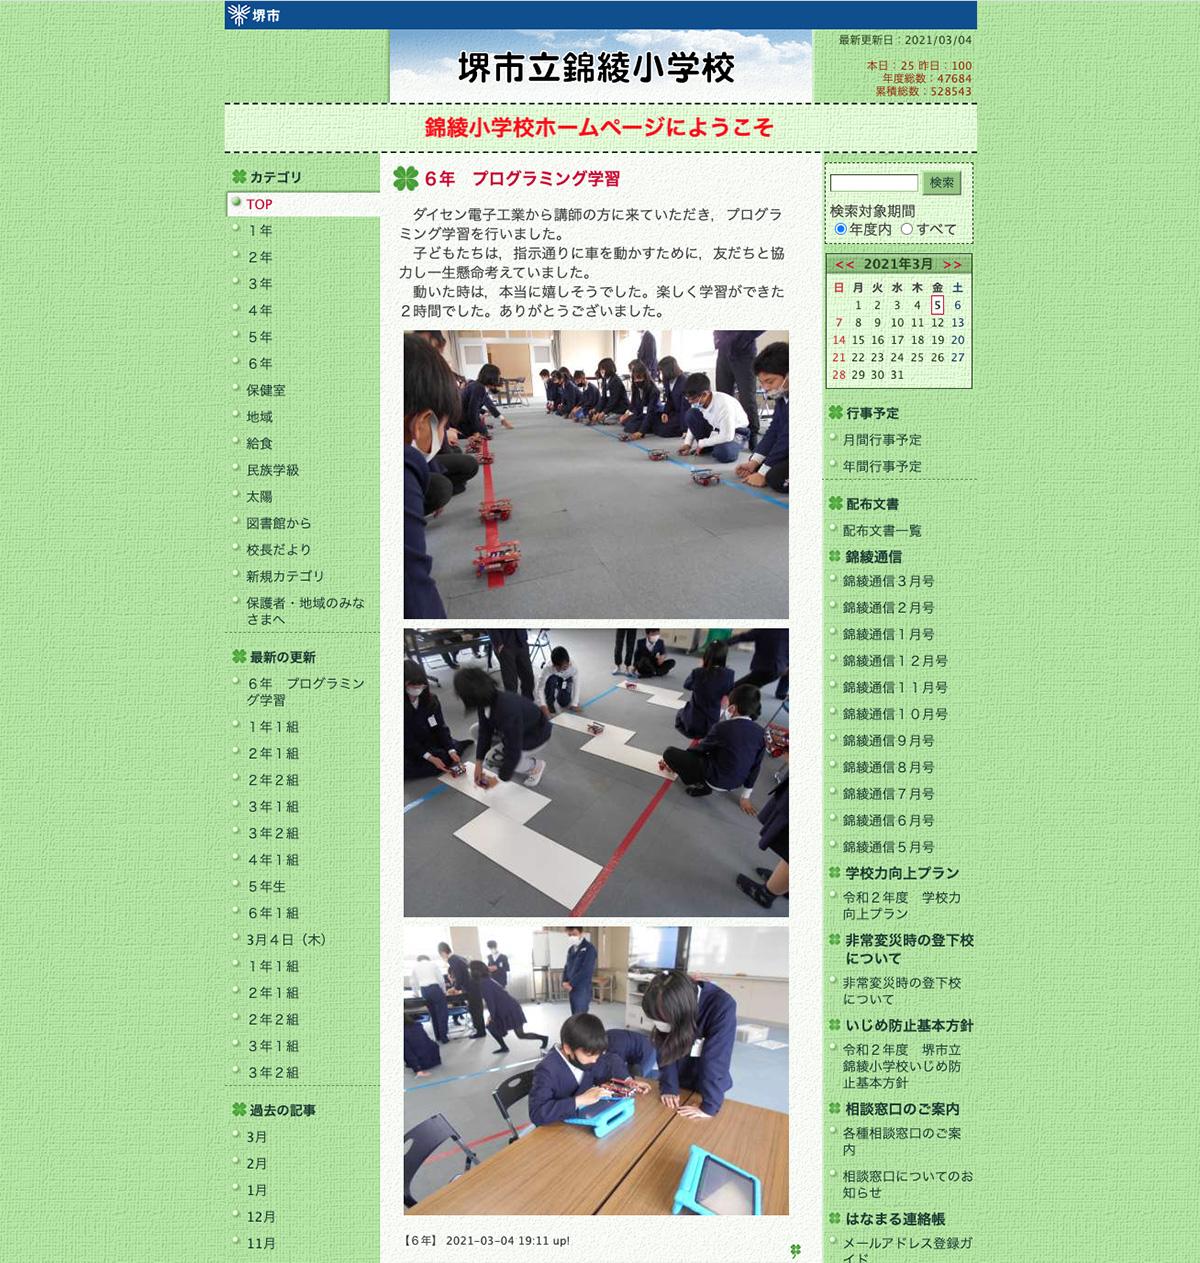 プログラミング出前授業 堺市立錦陵小学校 ブログ